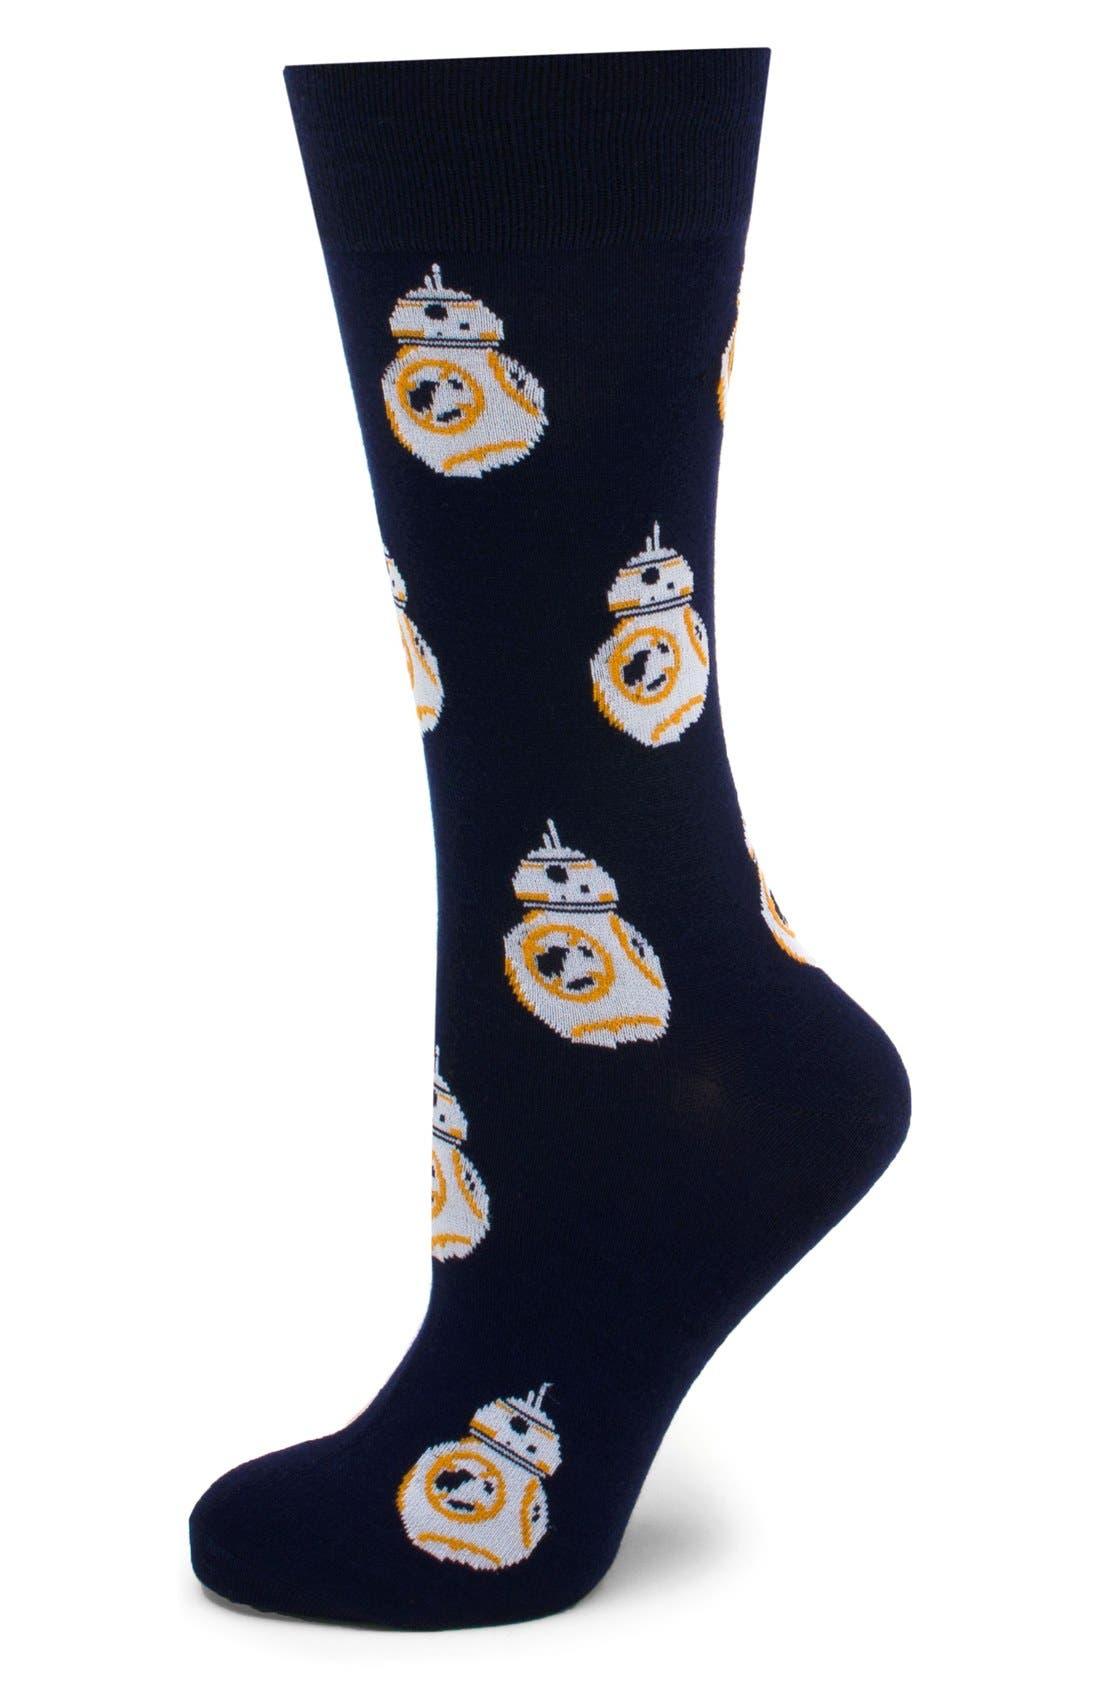 Cufflinks Inc 'BB-8' Socks